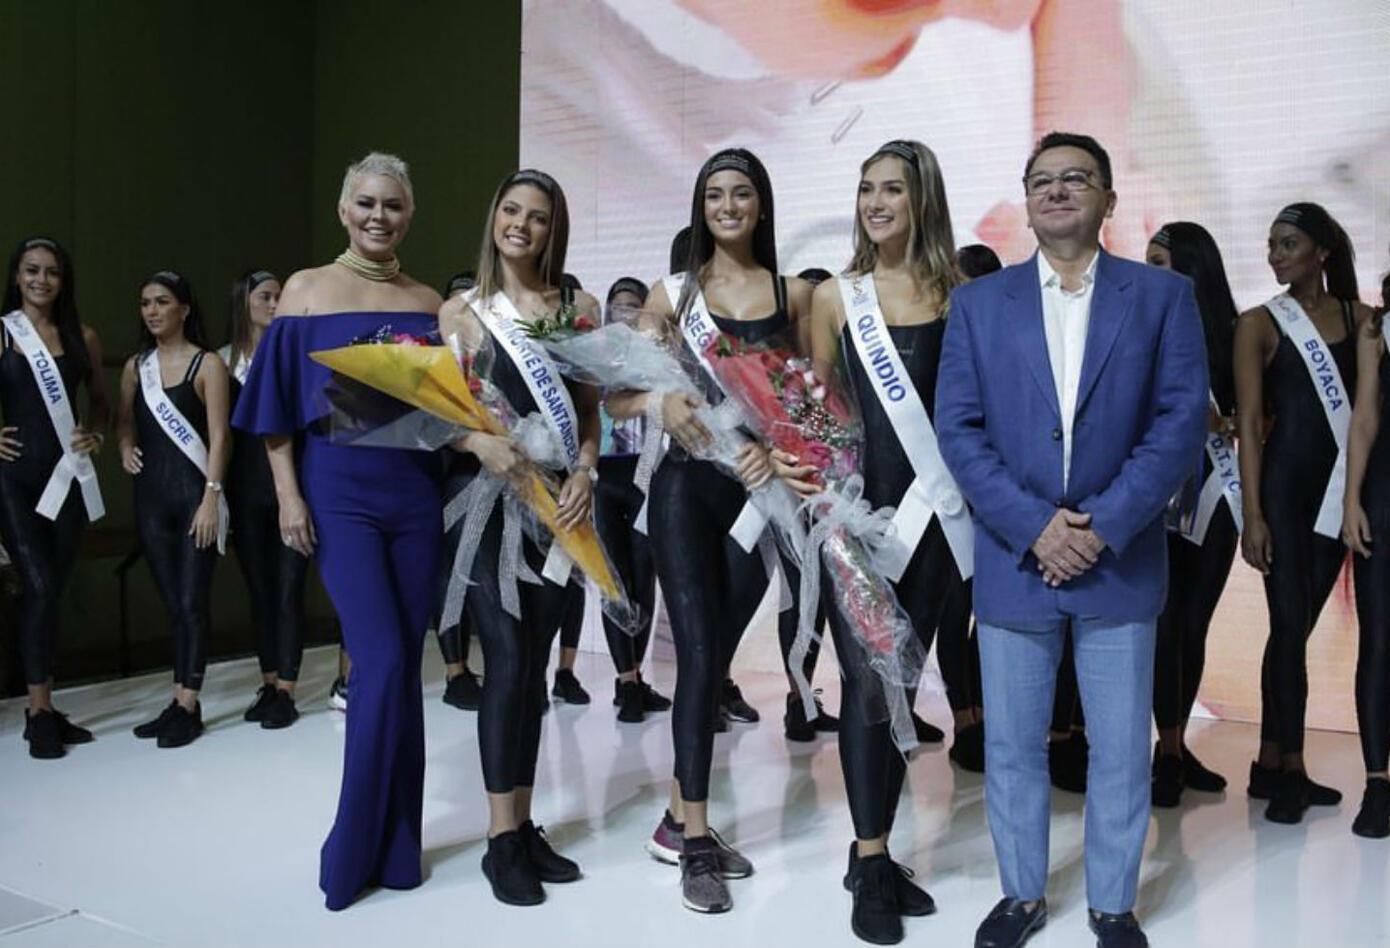 Candidatas a Señorita Colombia 2020 finalistas en premio 'Cuerpo sano'